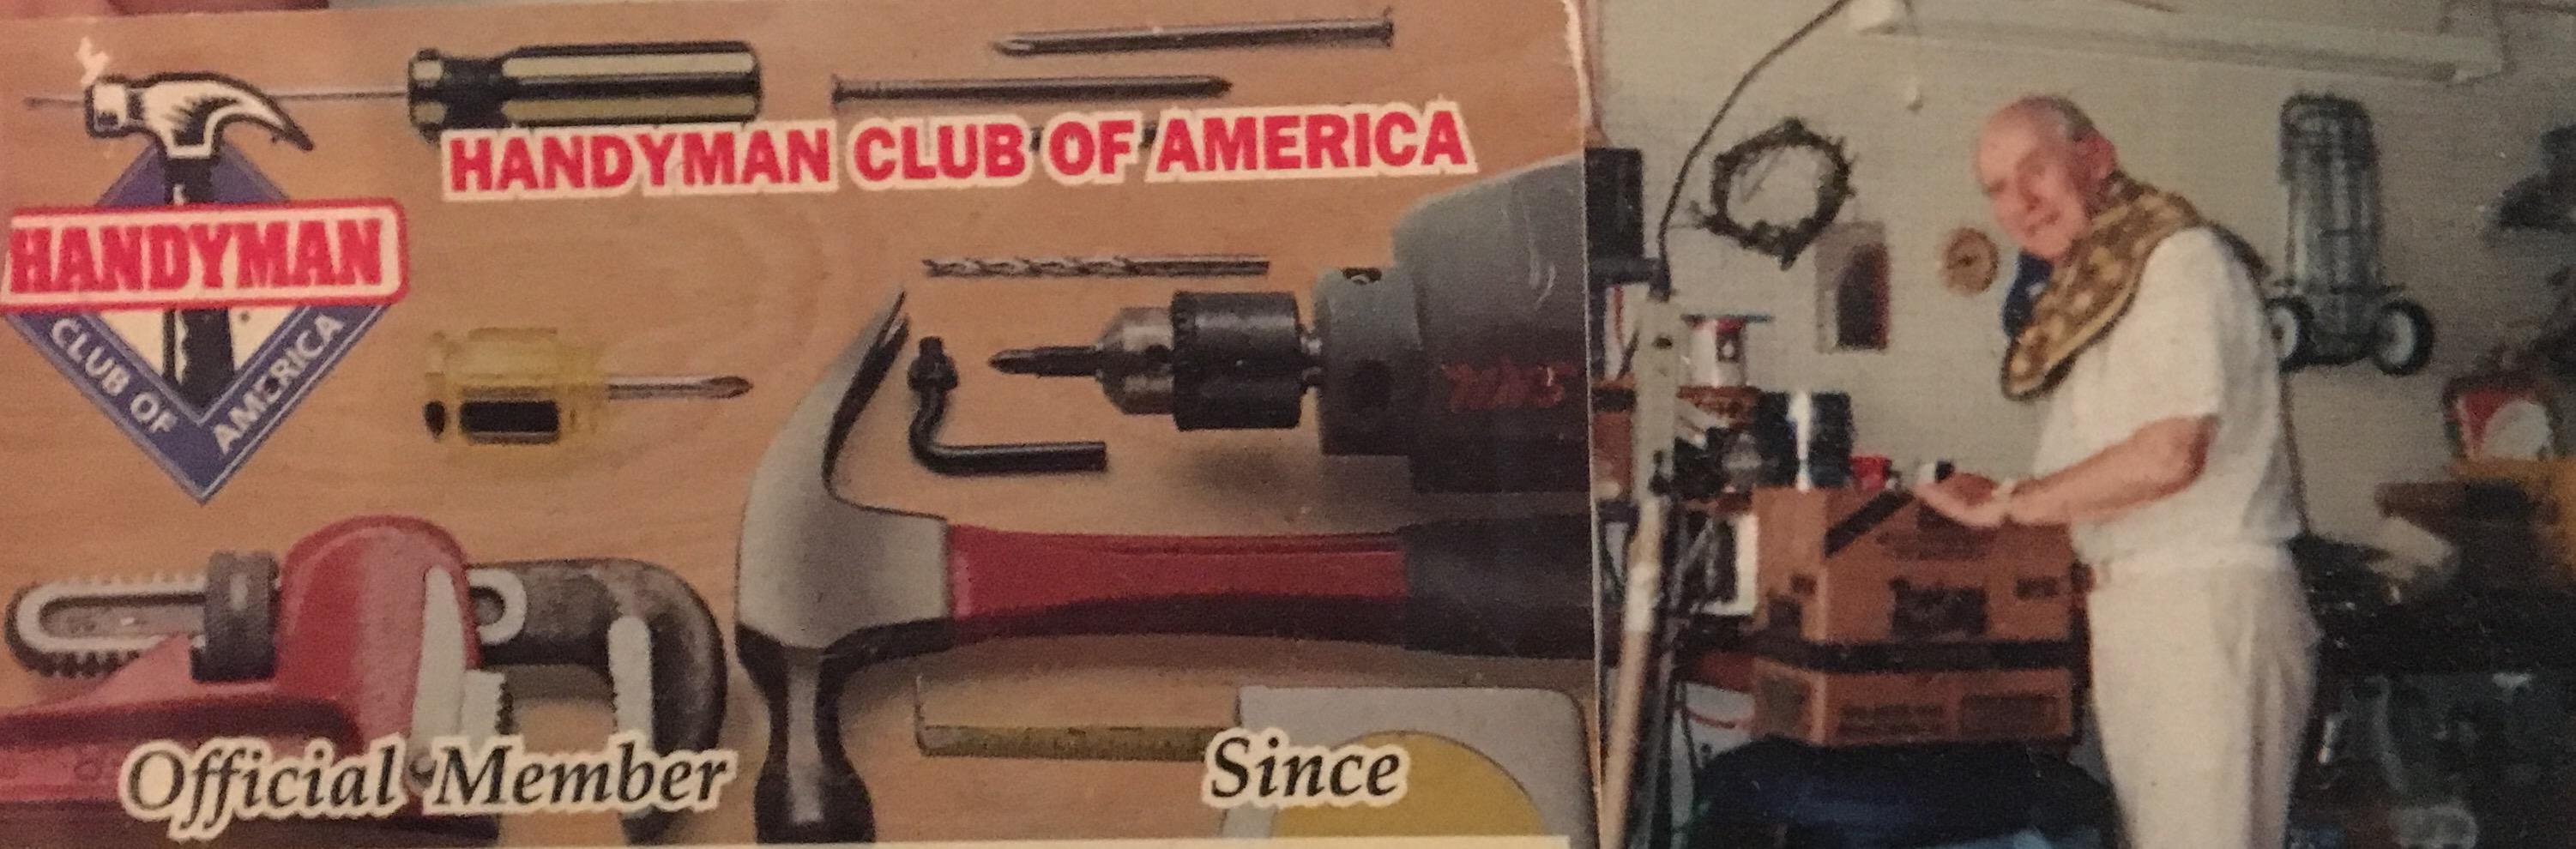 poppo & handyman club